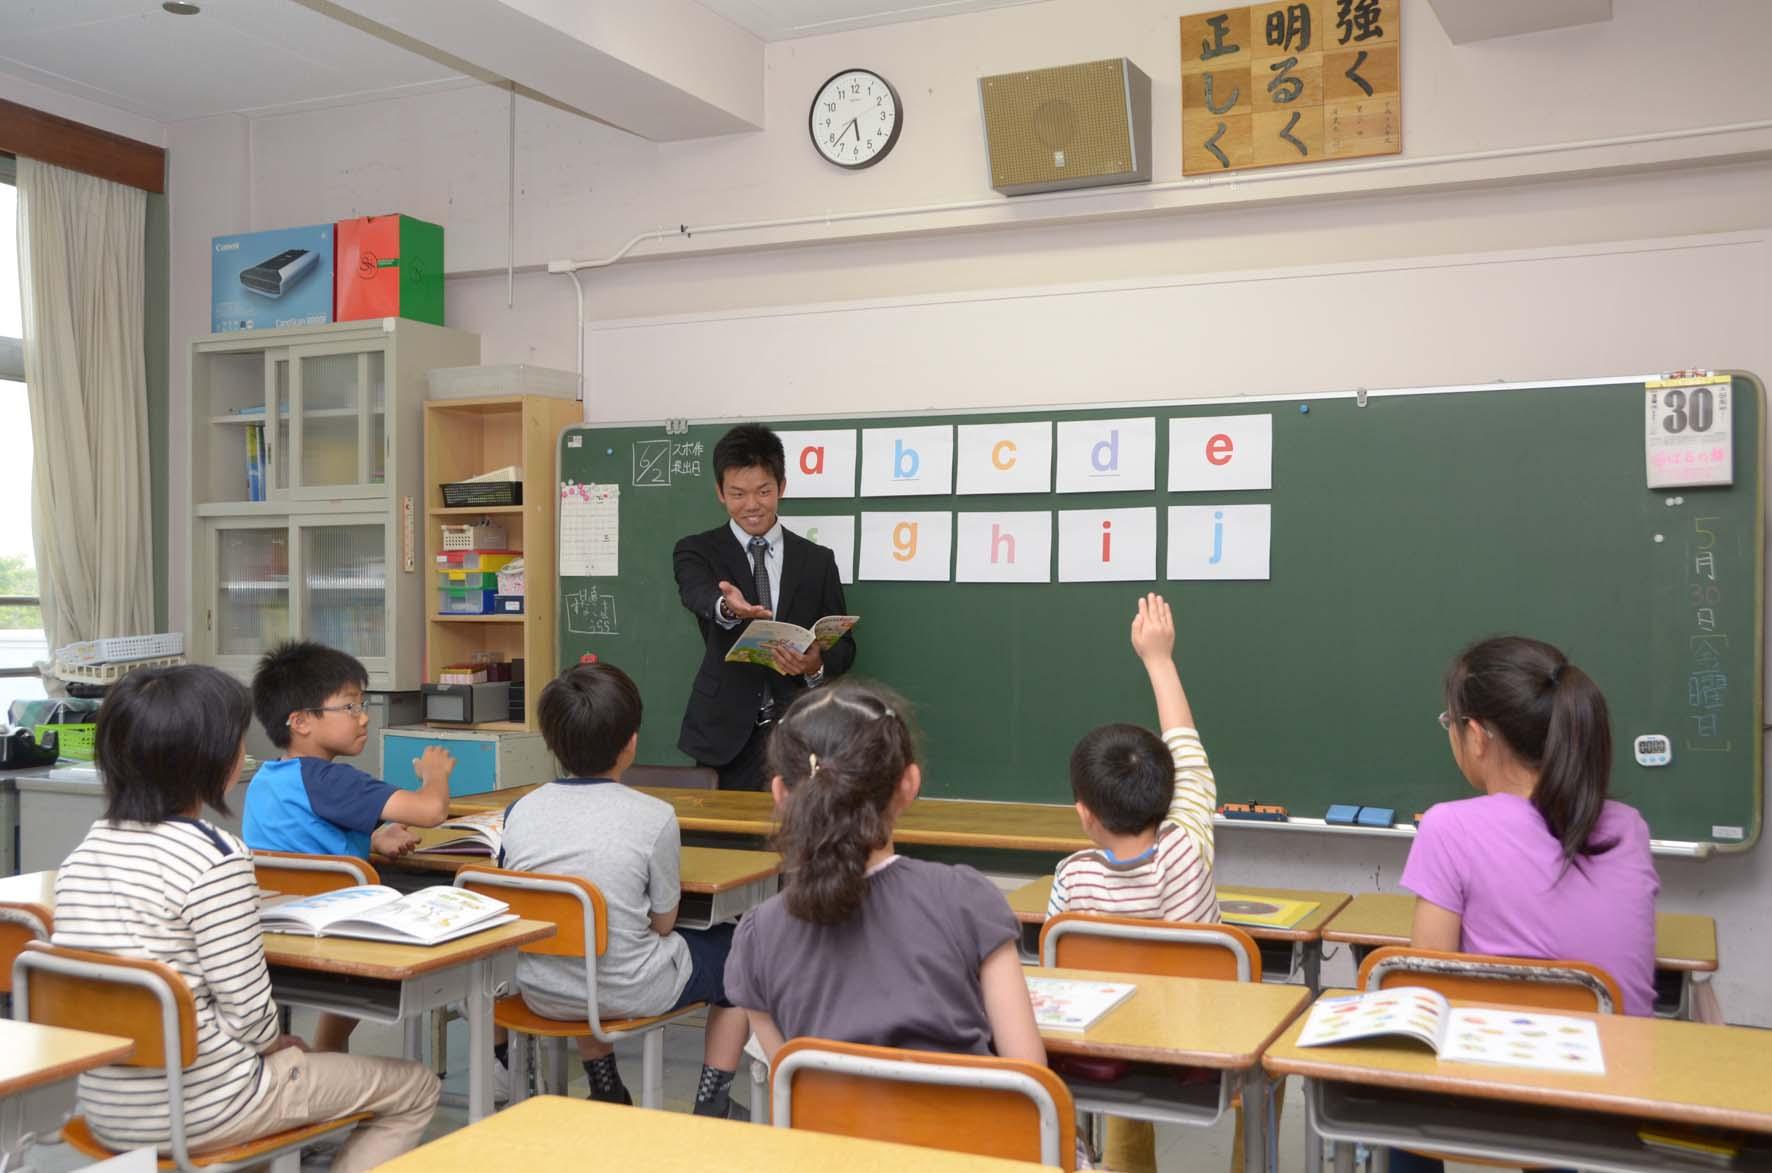 地域教育専攻とは?|函館校|国立大学法人 北海道教育大学